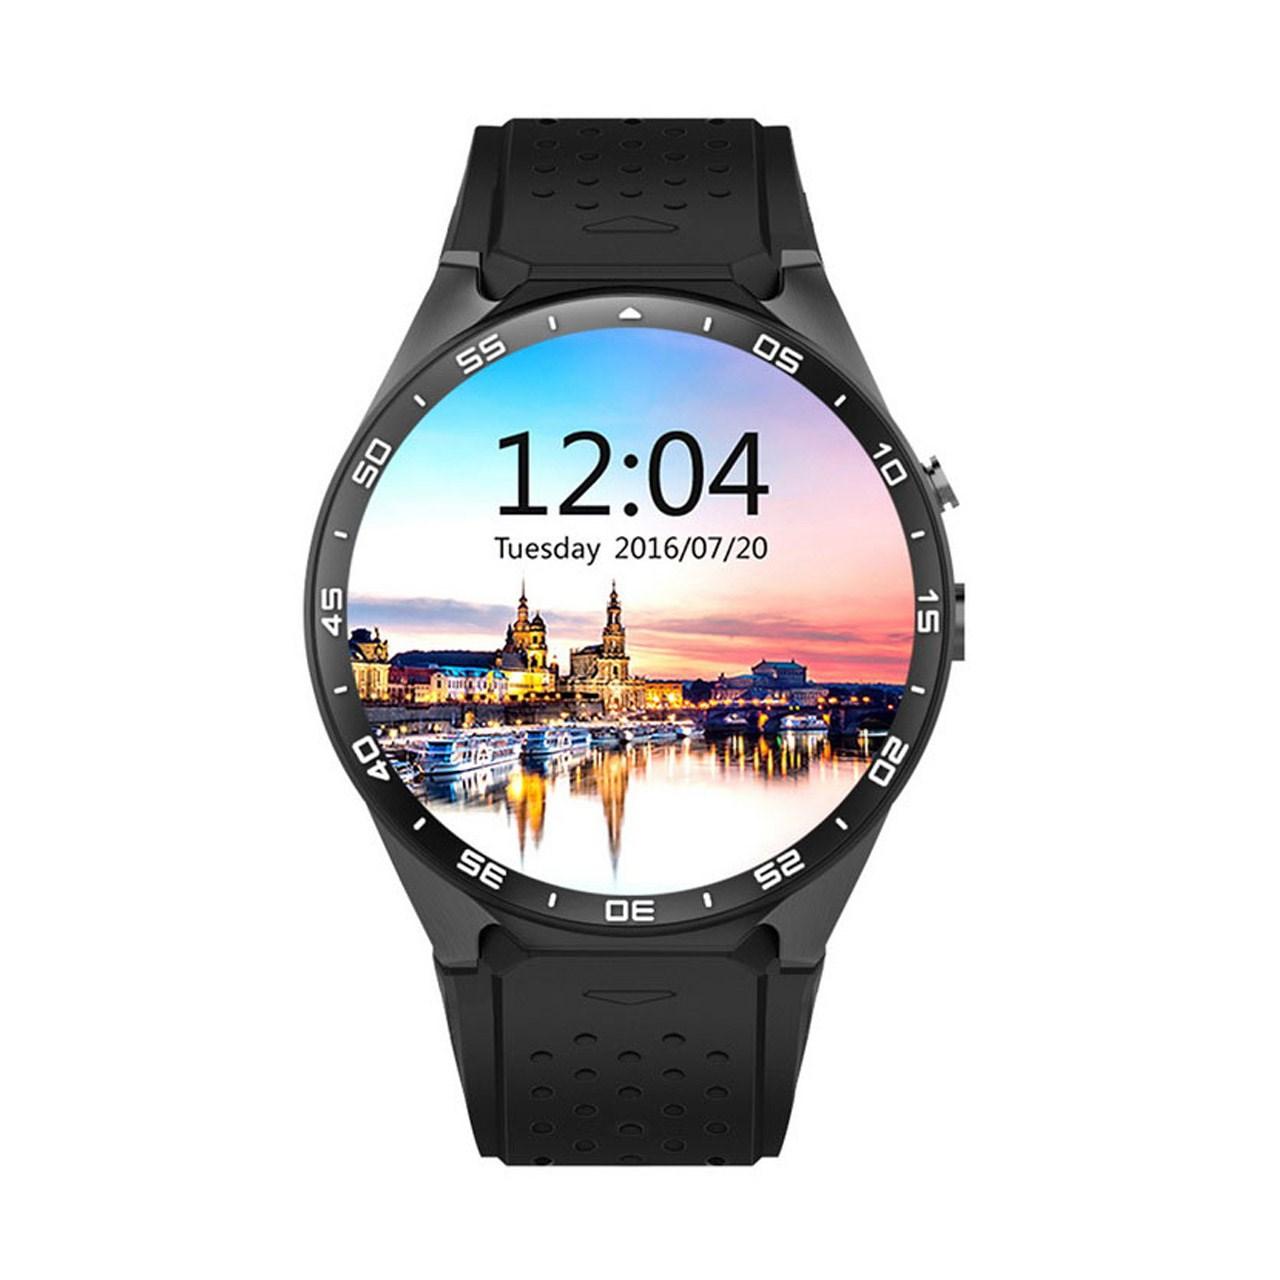 ساعت هوشمند Kingwear مدل KW88